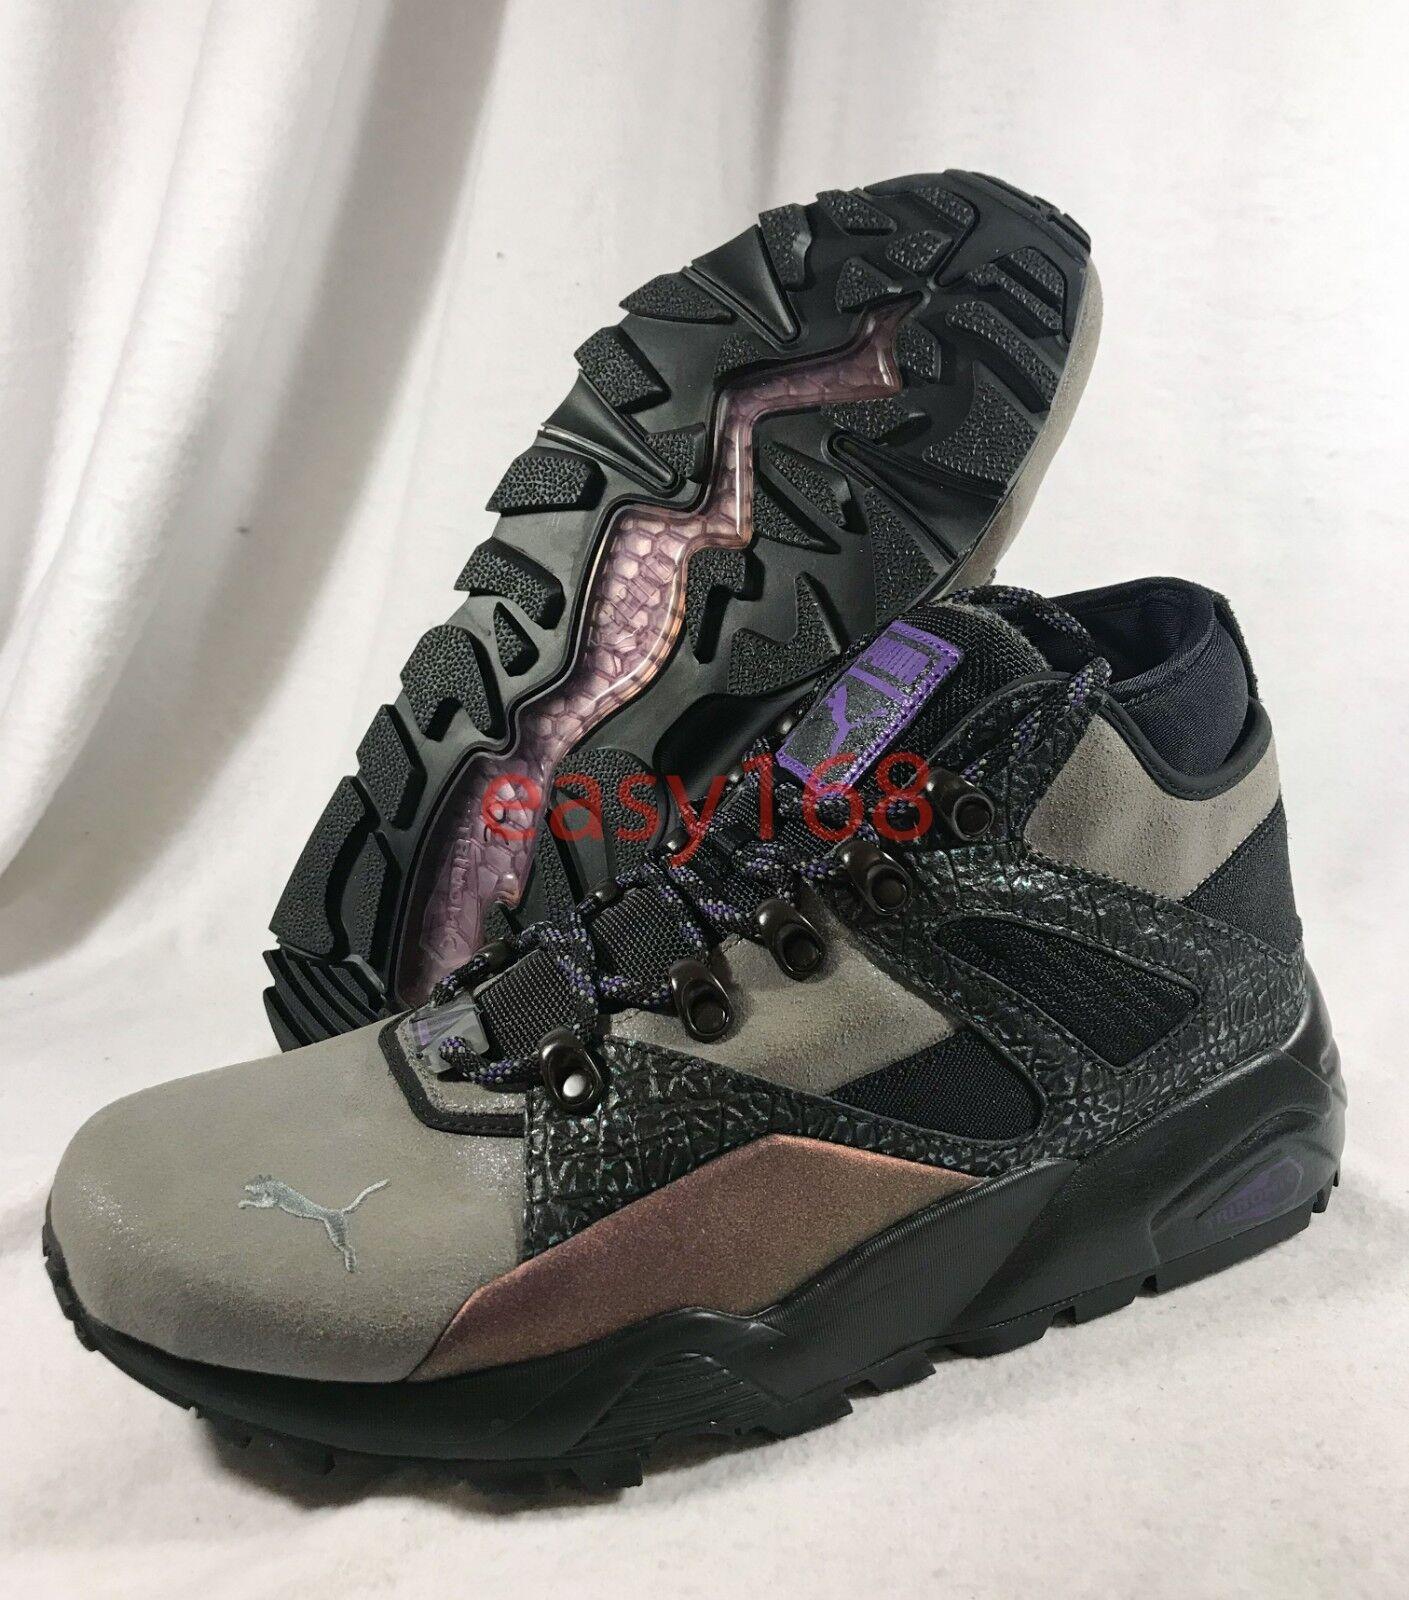 Nuevas botas Puma Blaze of Glory para hombres Cuero 363297 Trinomic 45 Calcetín púrpuraa